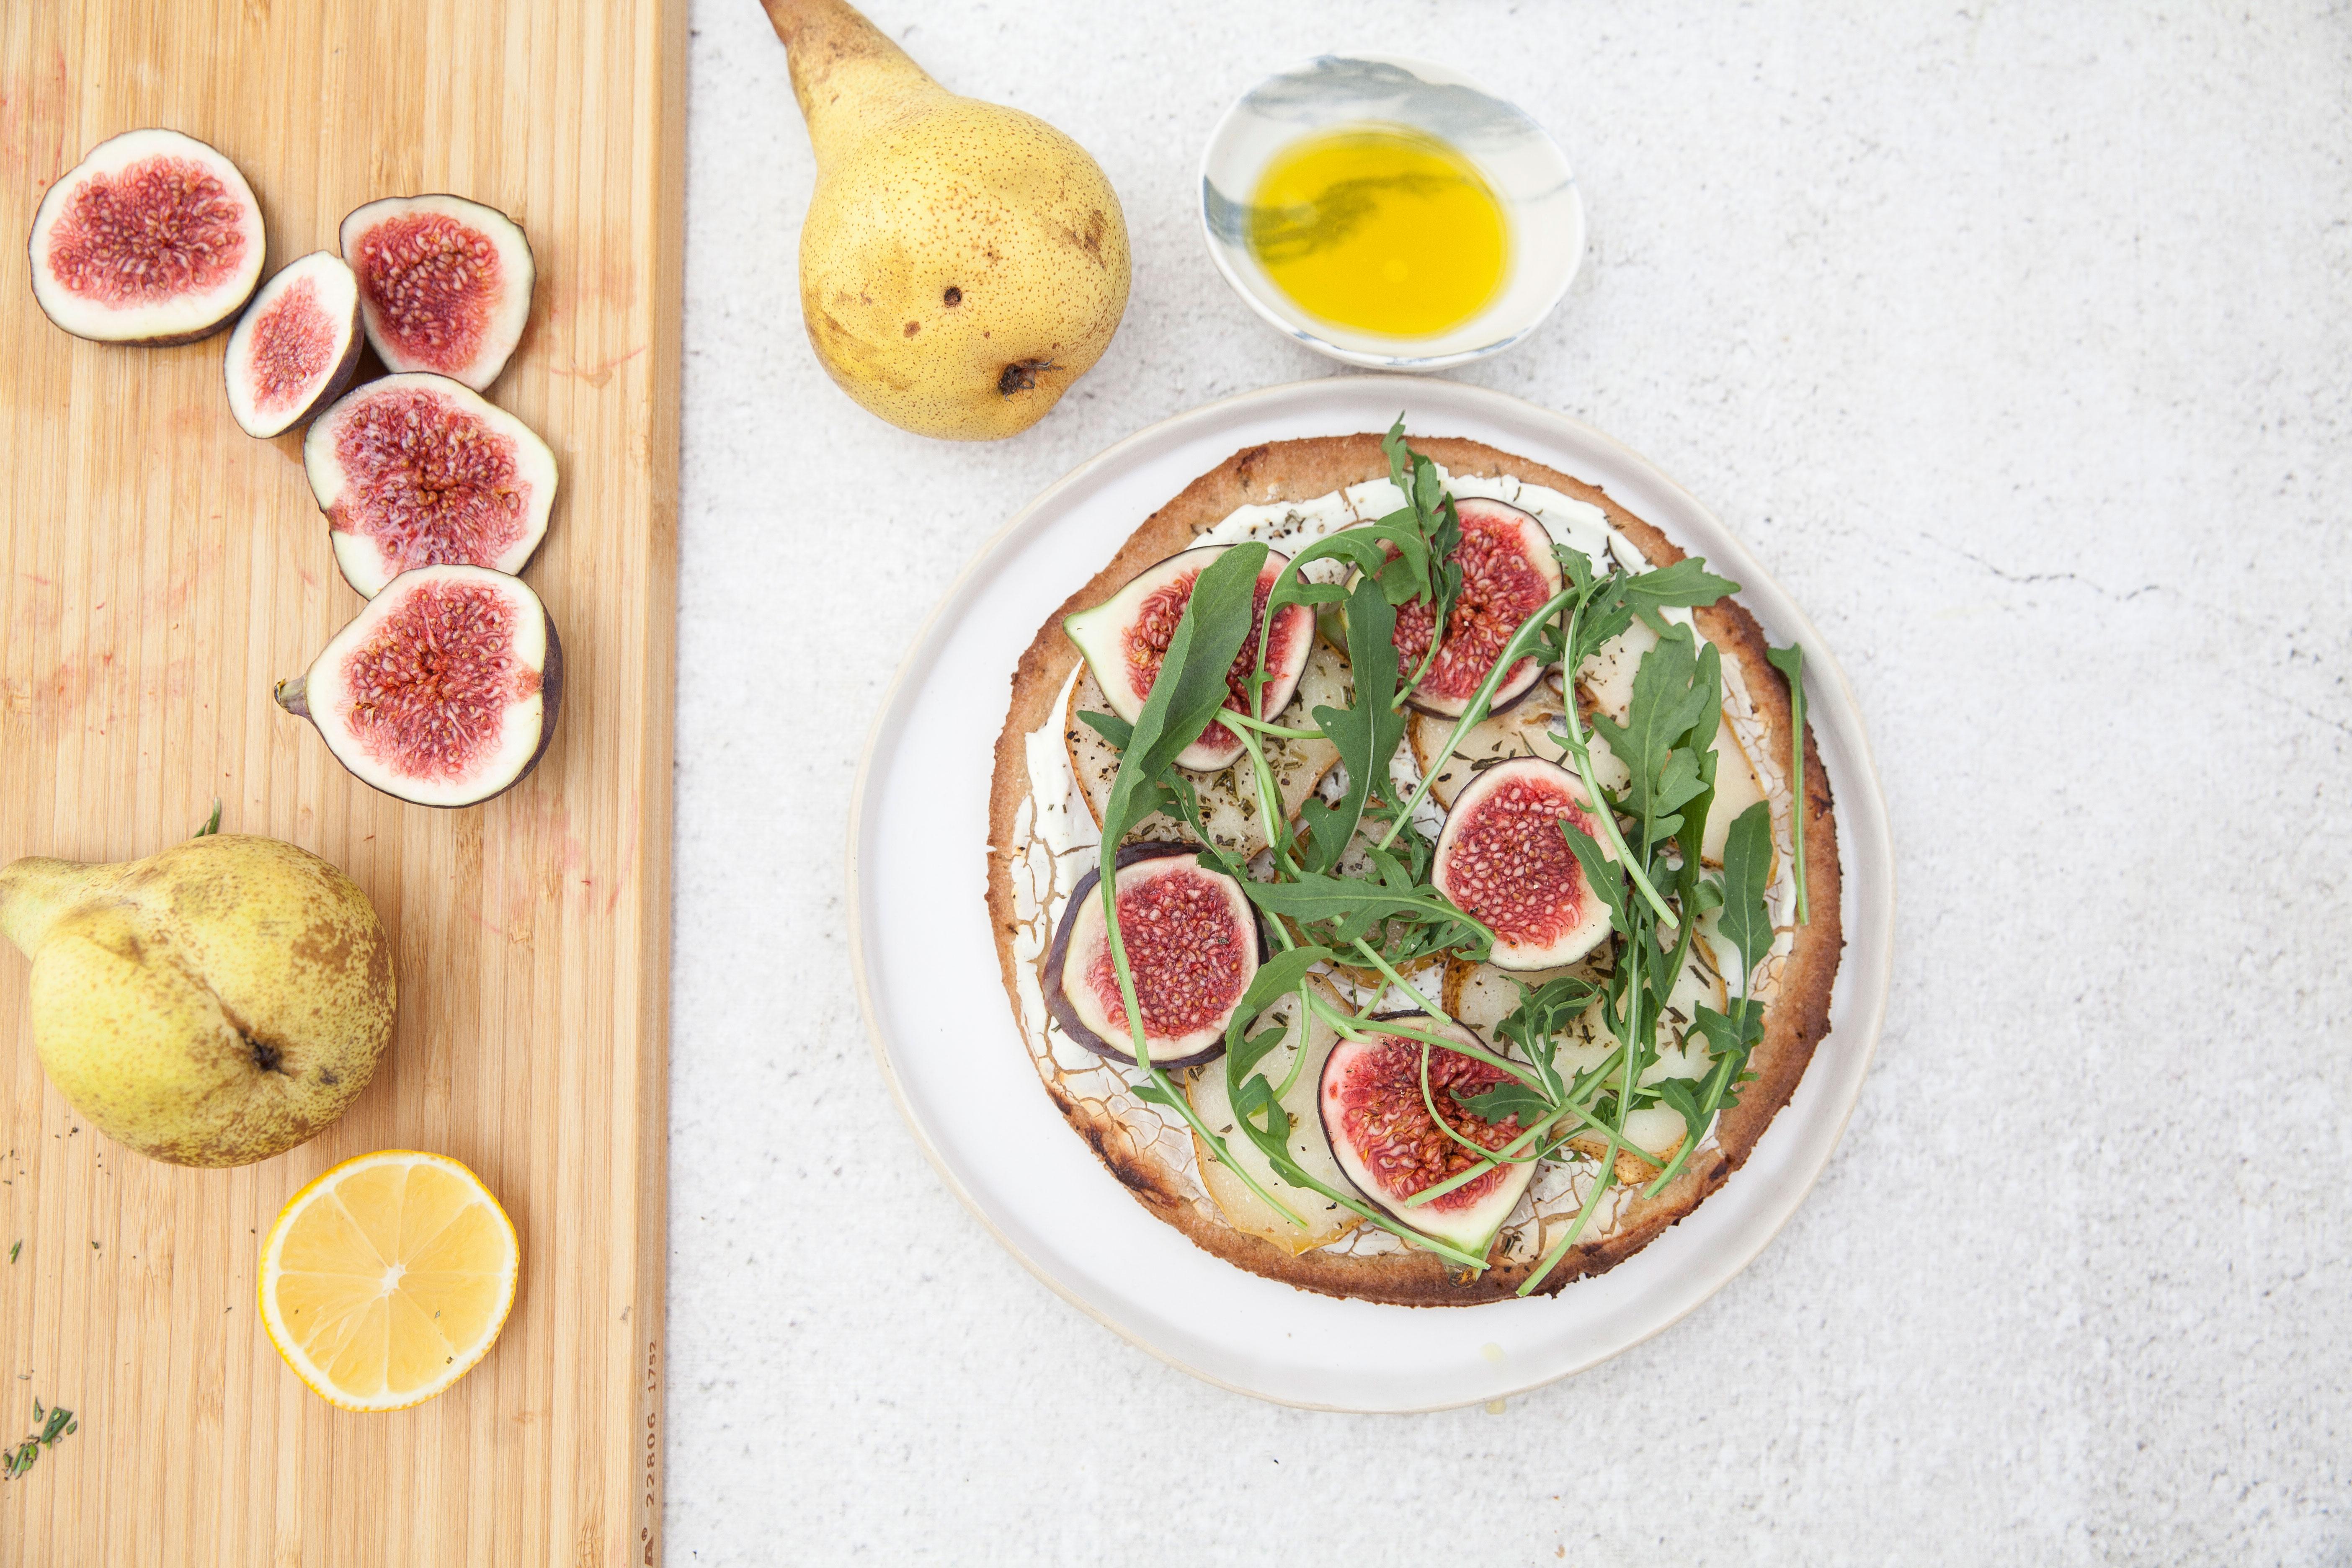 Glutenfreie-Schnitzer-Pizza_MG_9445